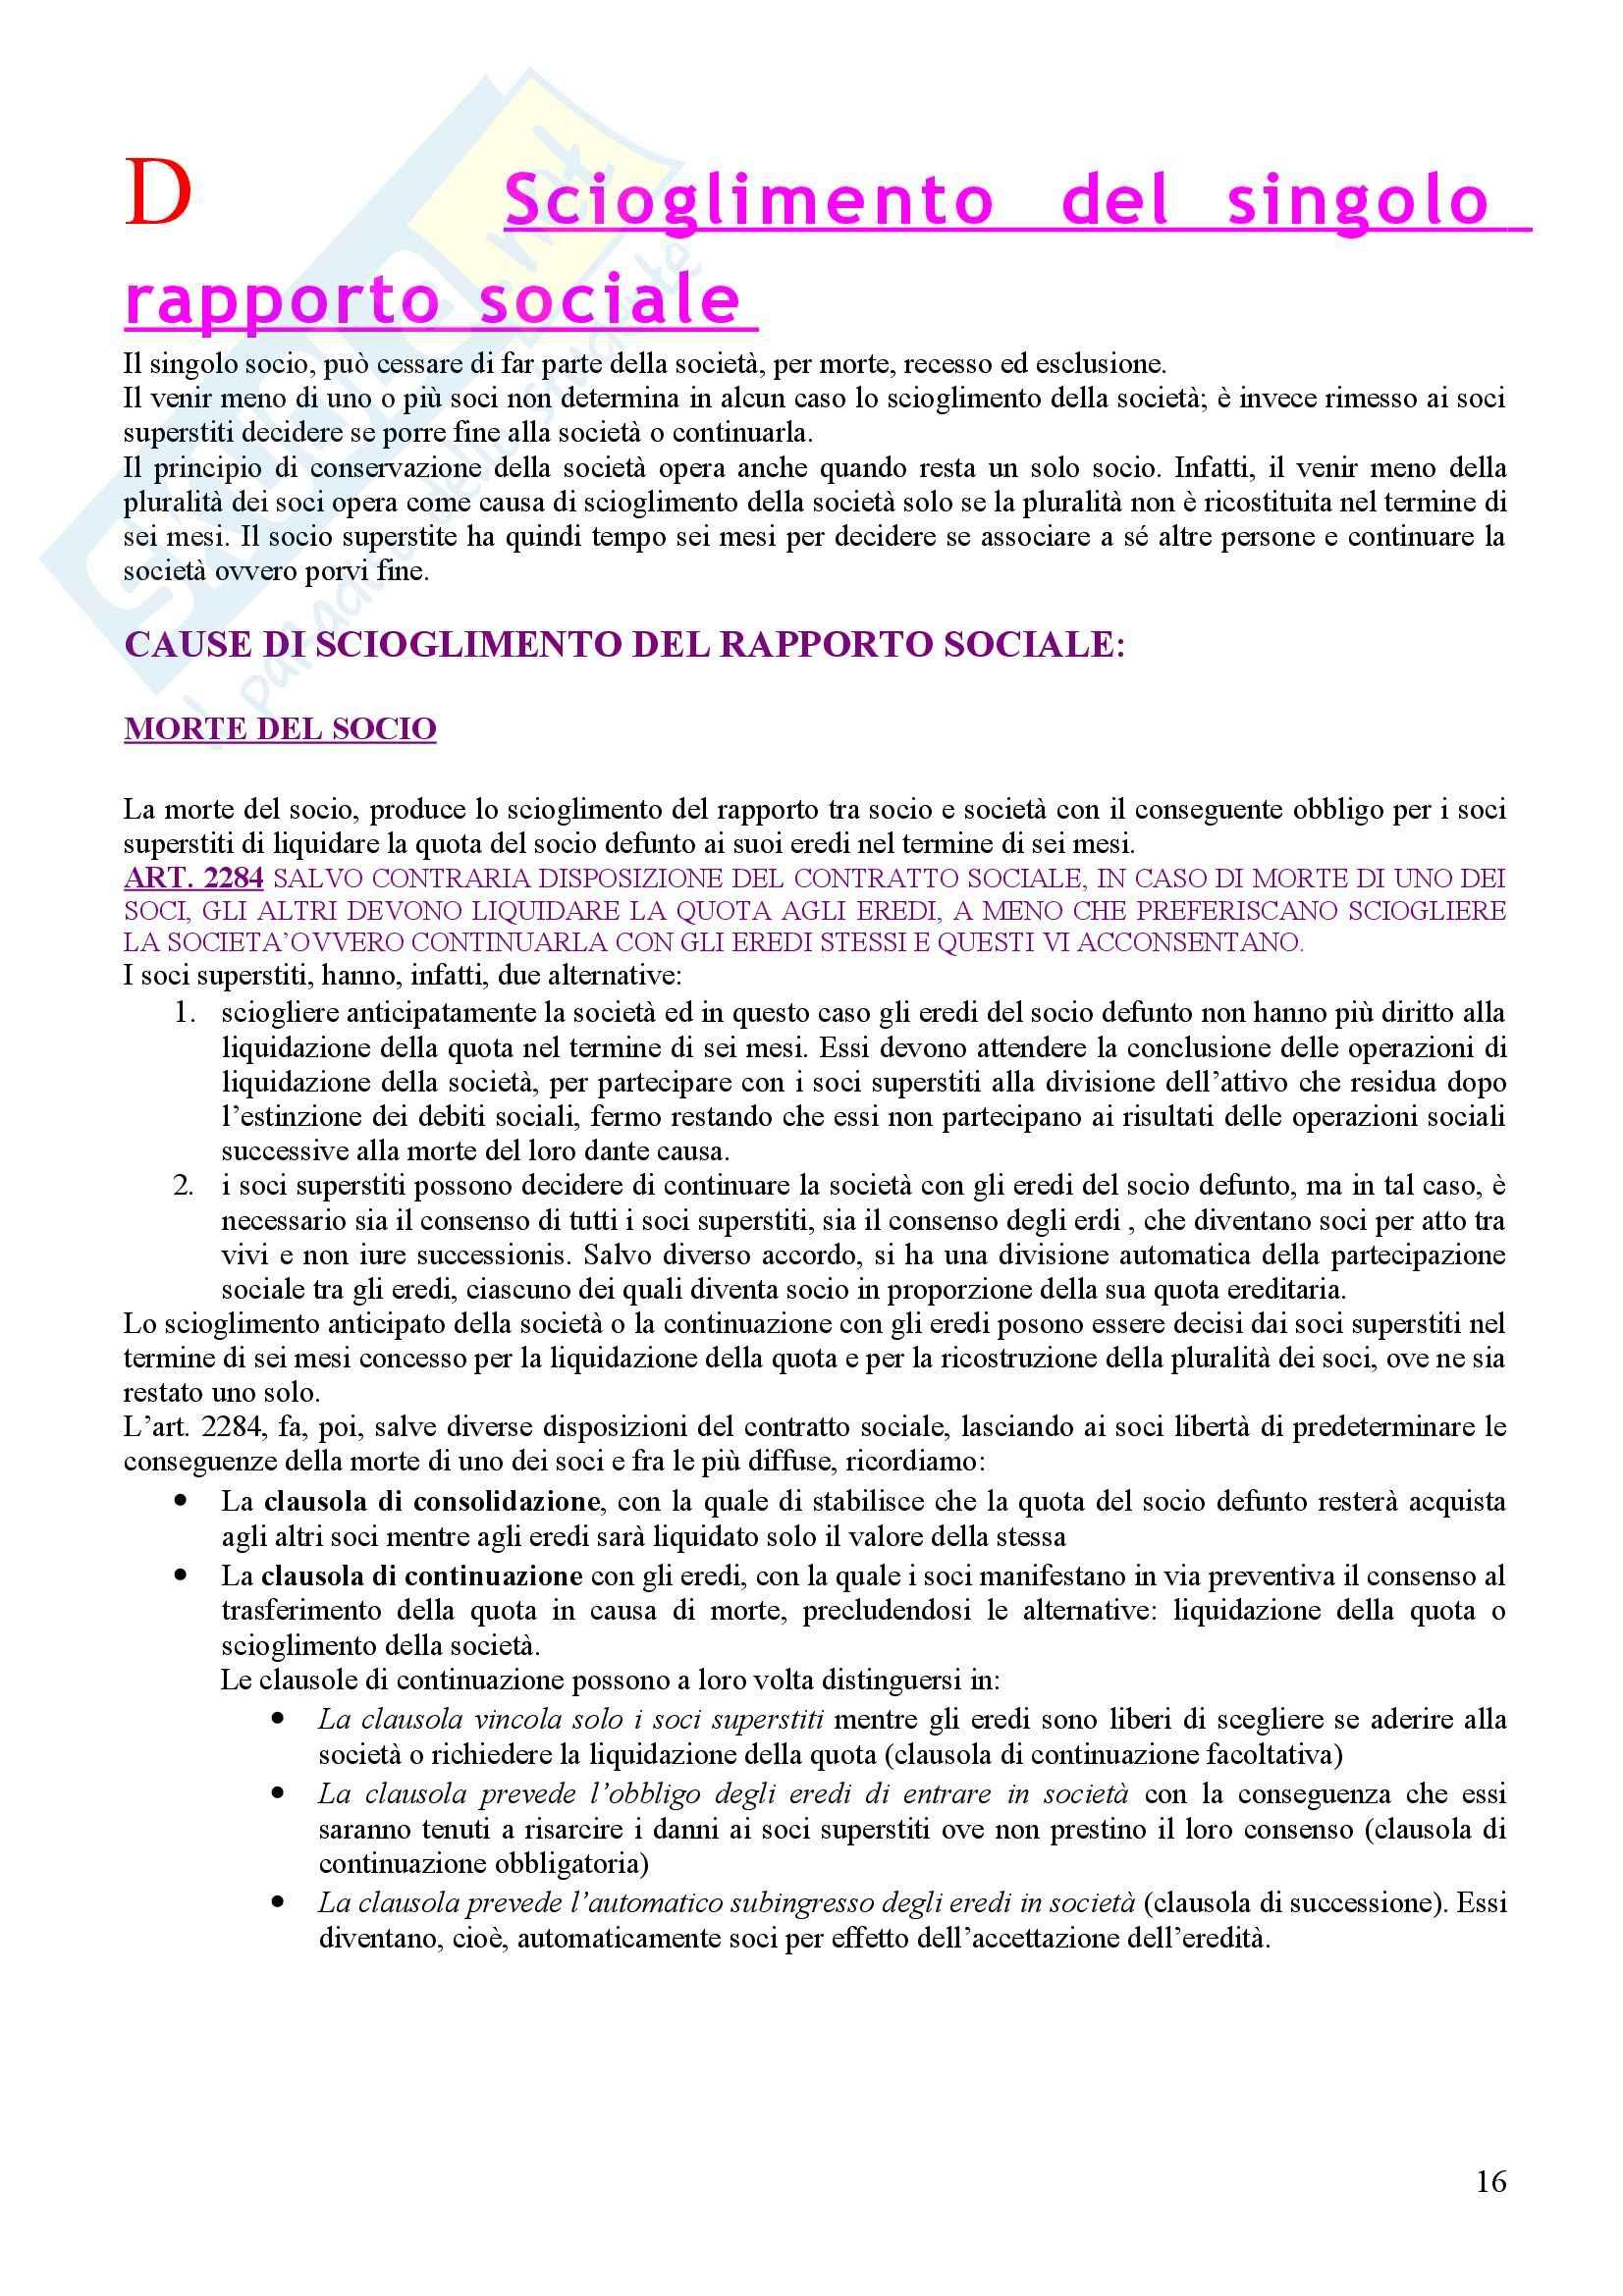 Diritto commerciale - la società semplice e la società in nome collettivo Pag. 16